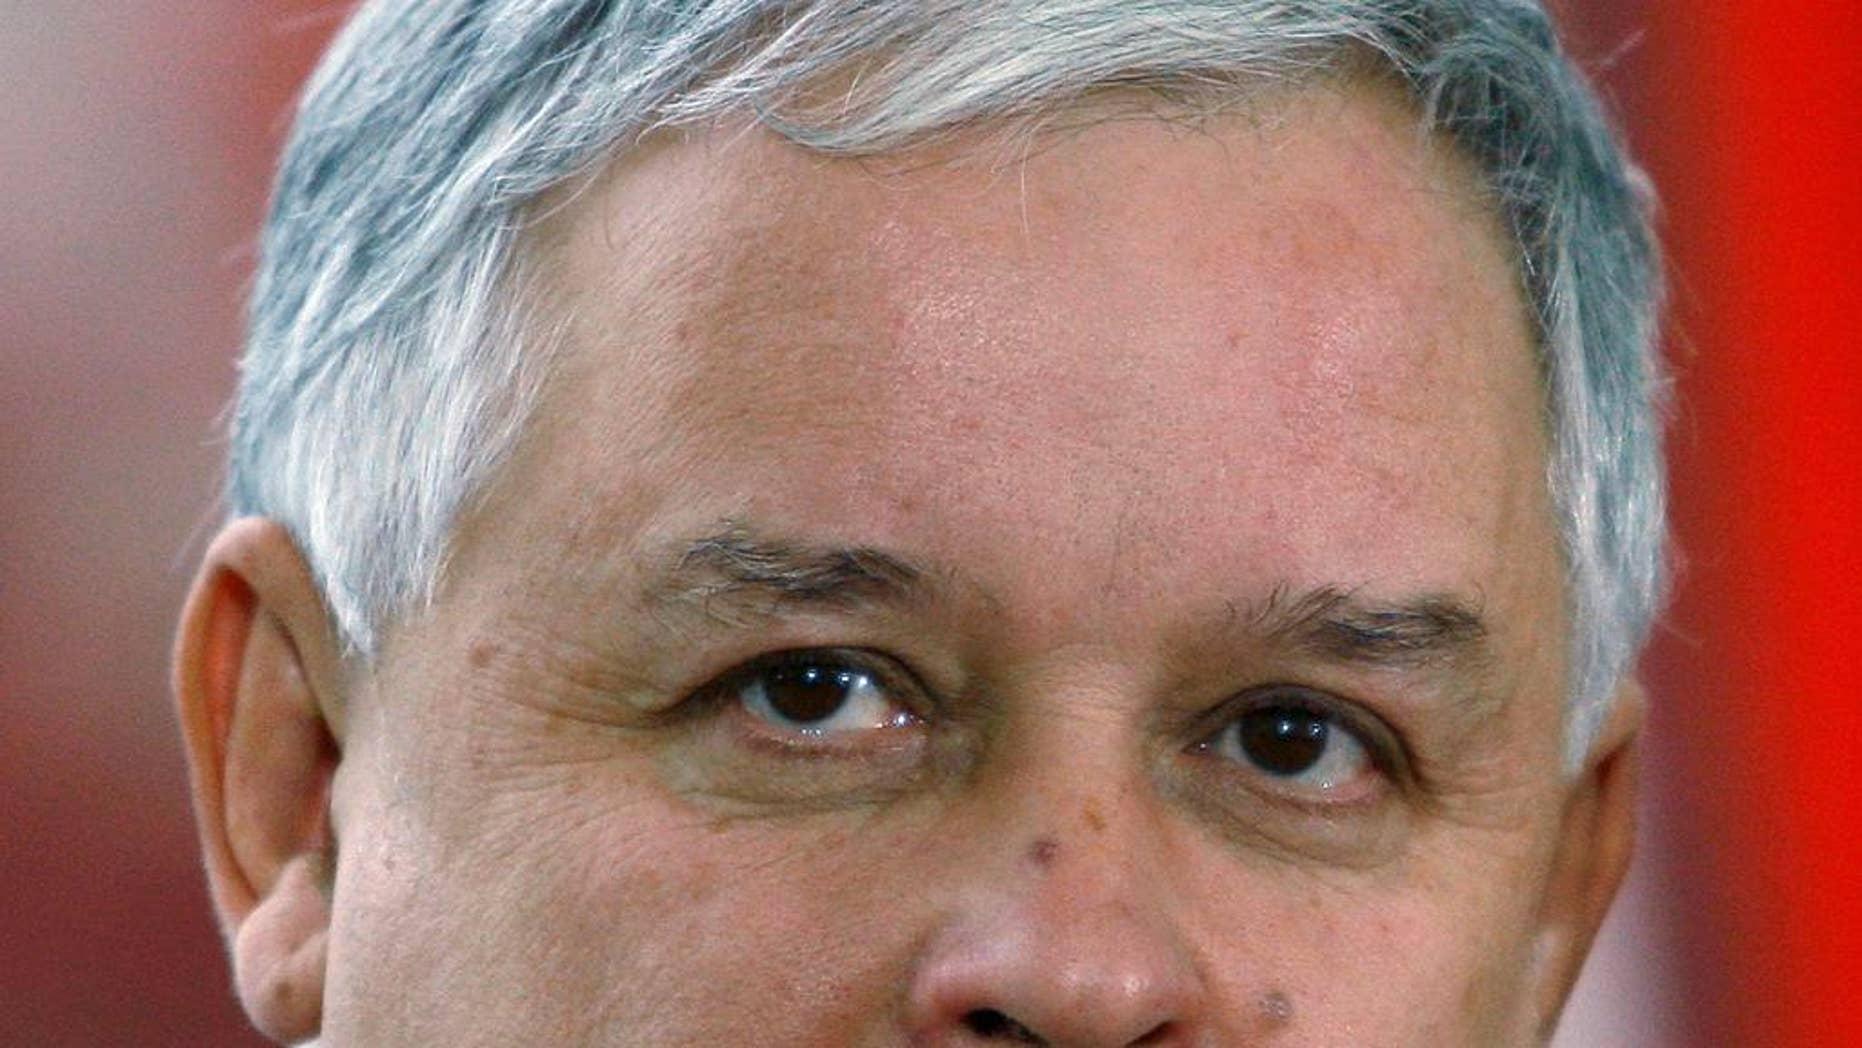 Lech Kaczynski, seen here in 2007, died in a plane crash in western Russia in 2010.